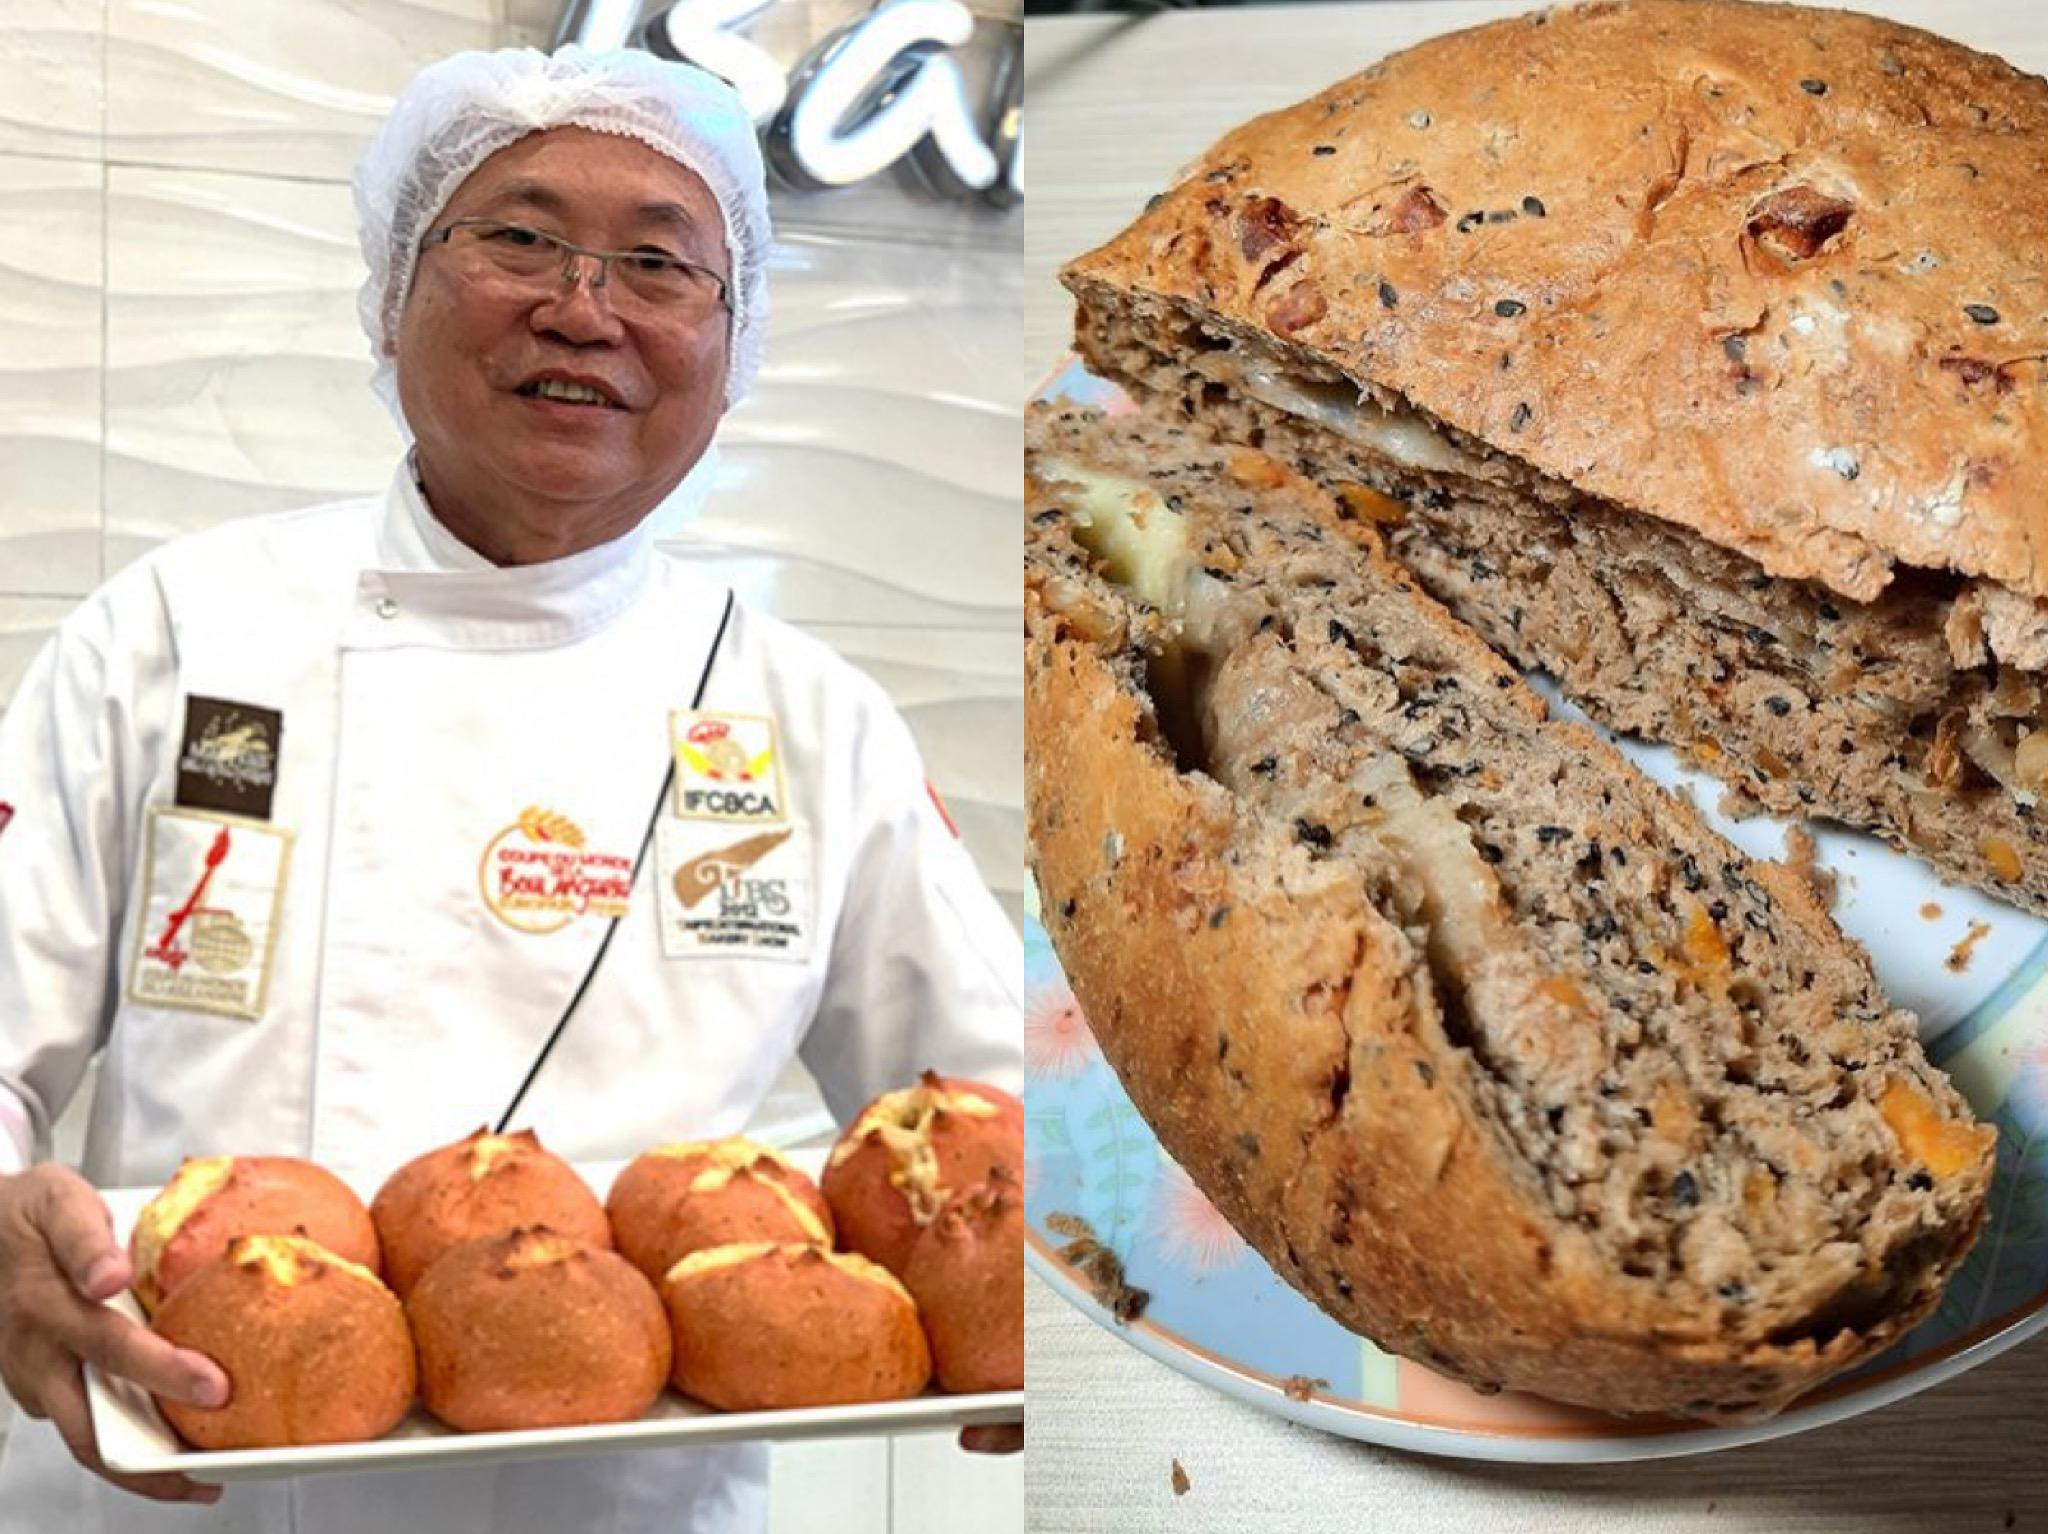 Ông chủ ABC Bakery sáng chế bánh mì đầy đủ chất dinh dưỡng dành cho y, bác sĩ chống dịch Covid-19